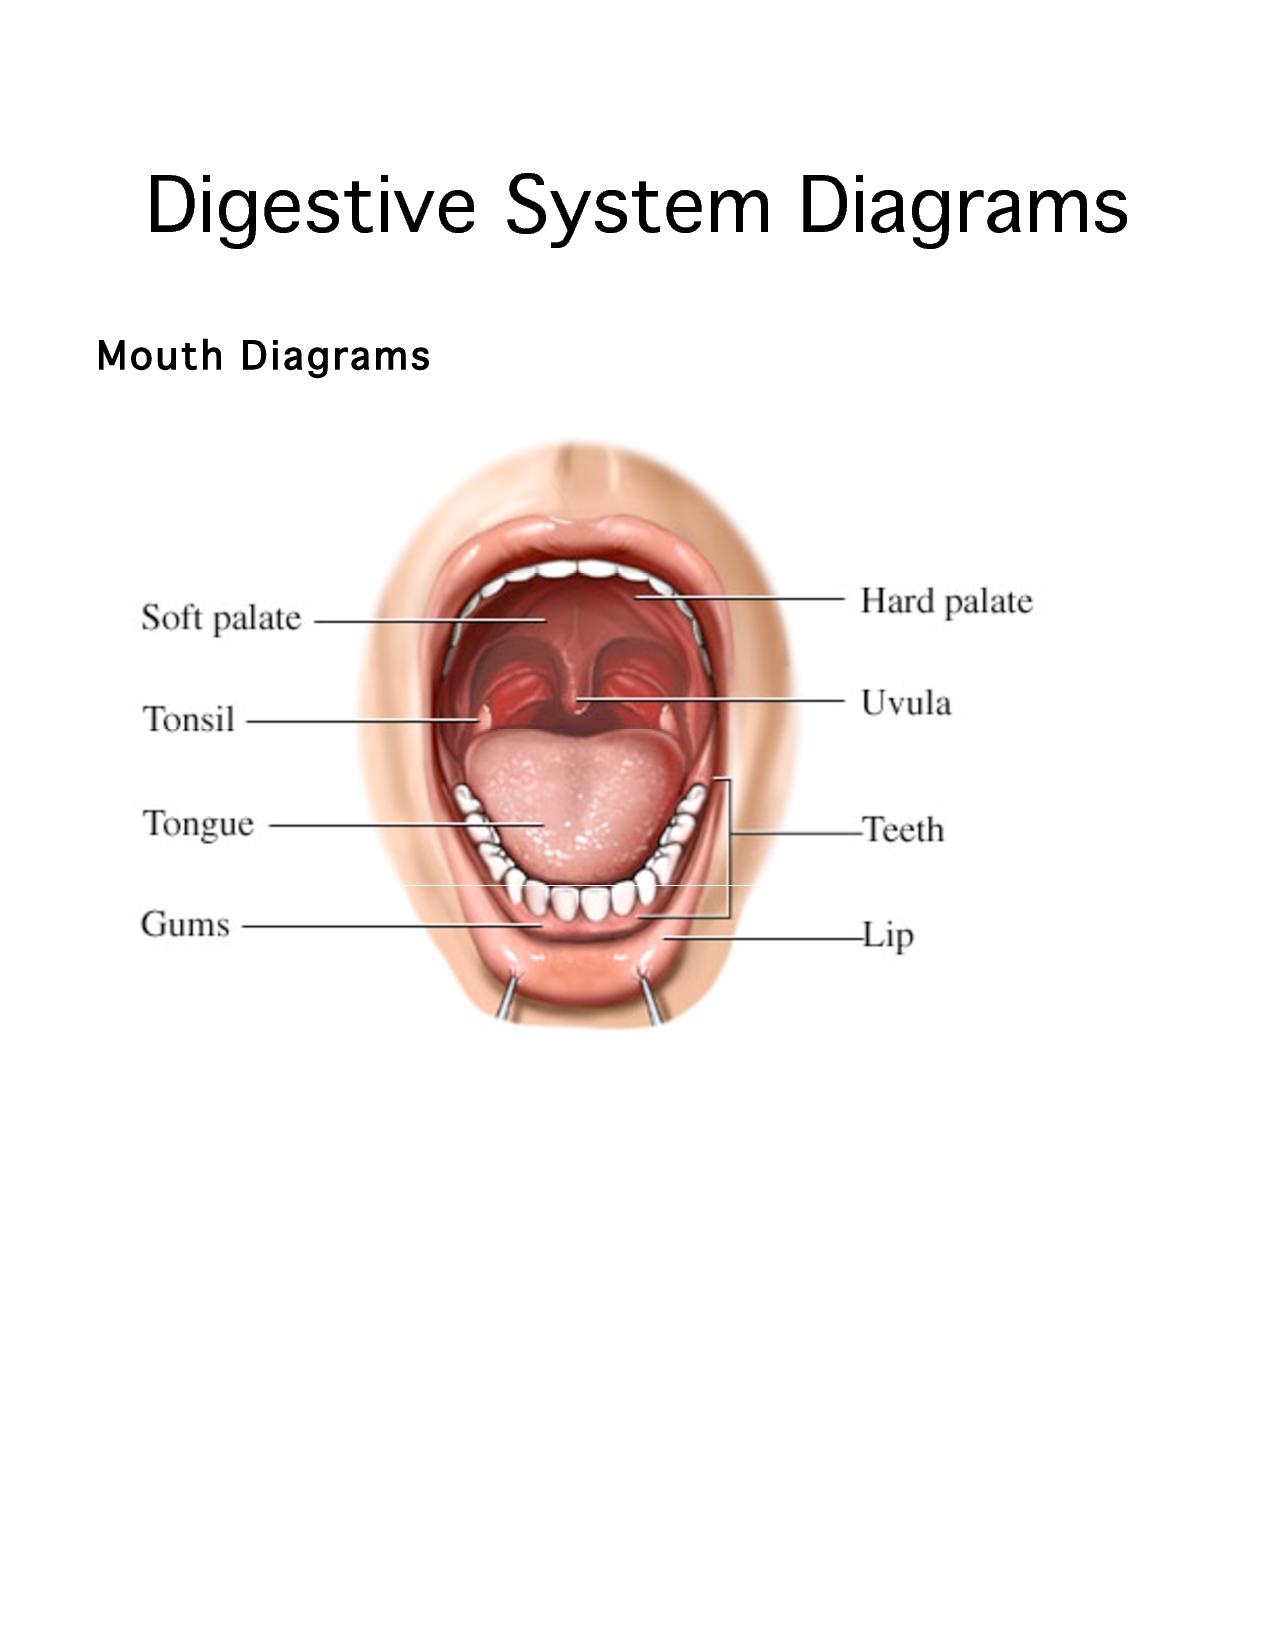 medium resolution of human digestive system diagram digestive system diagrams mouth diagrams salivary glands anatomy o